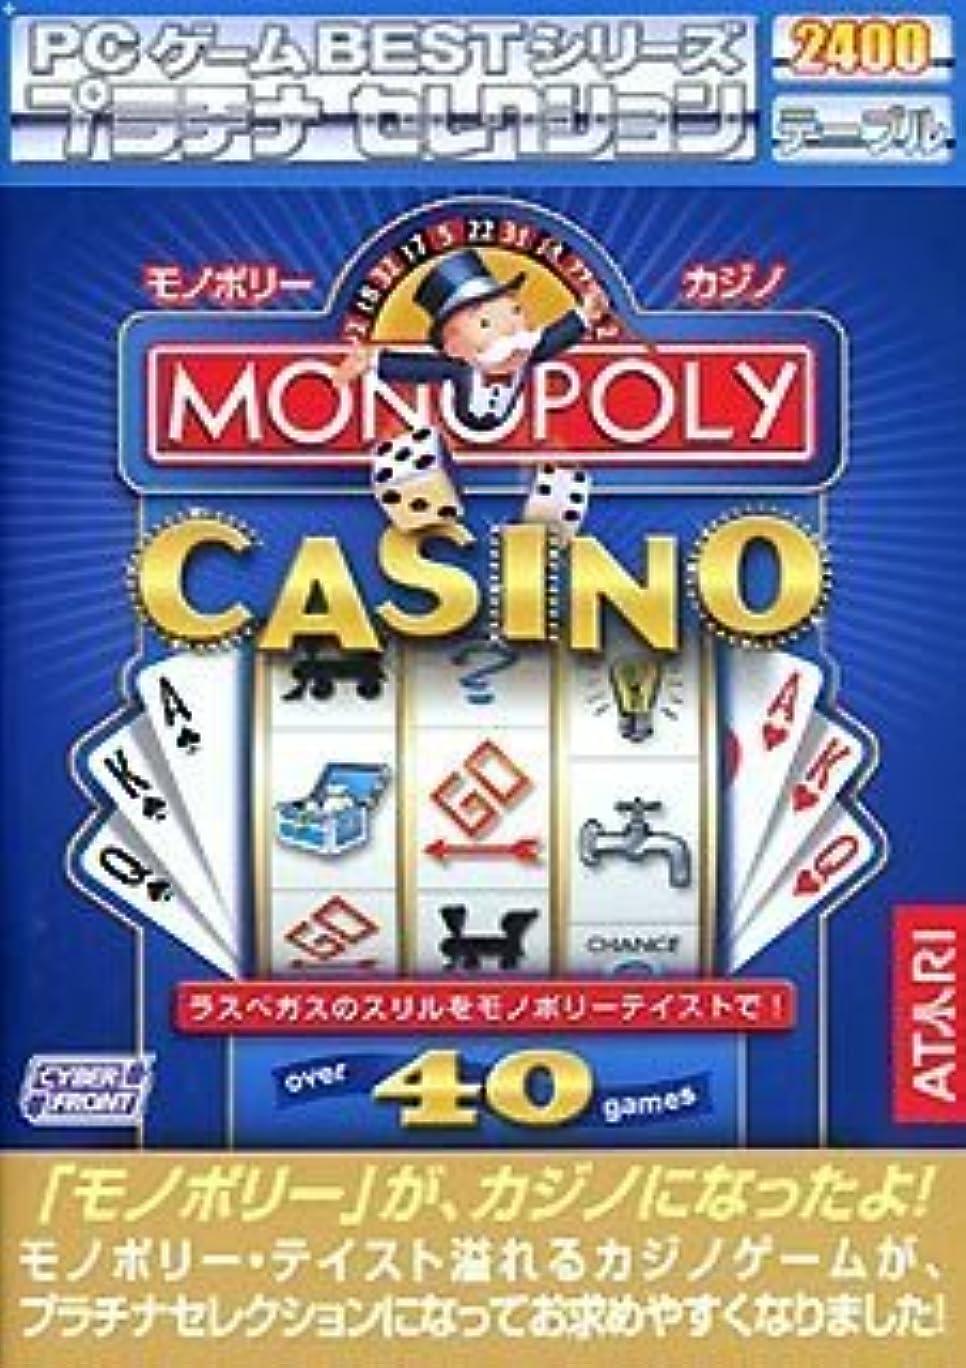 アパートどうやって機動PCゲーム Bestシリーズ プラチナセレクション MONOPOLY CASINO